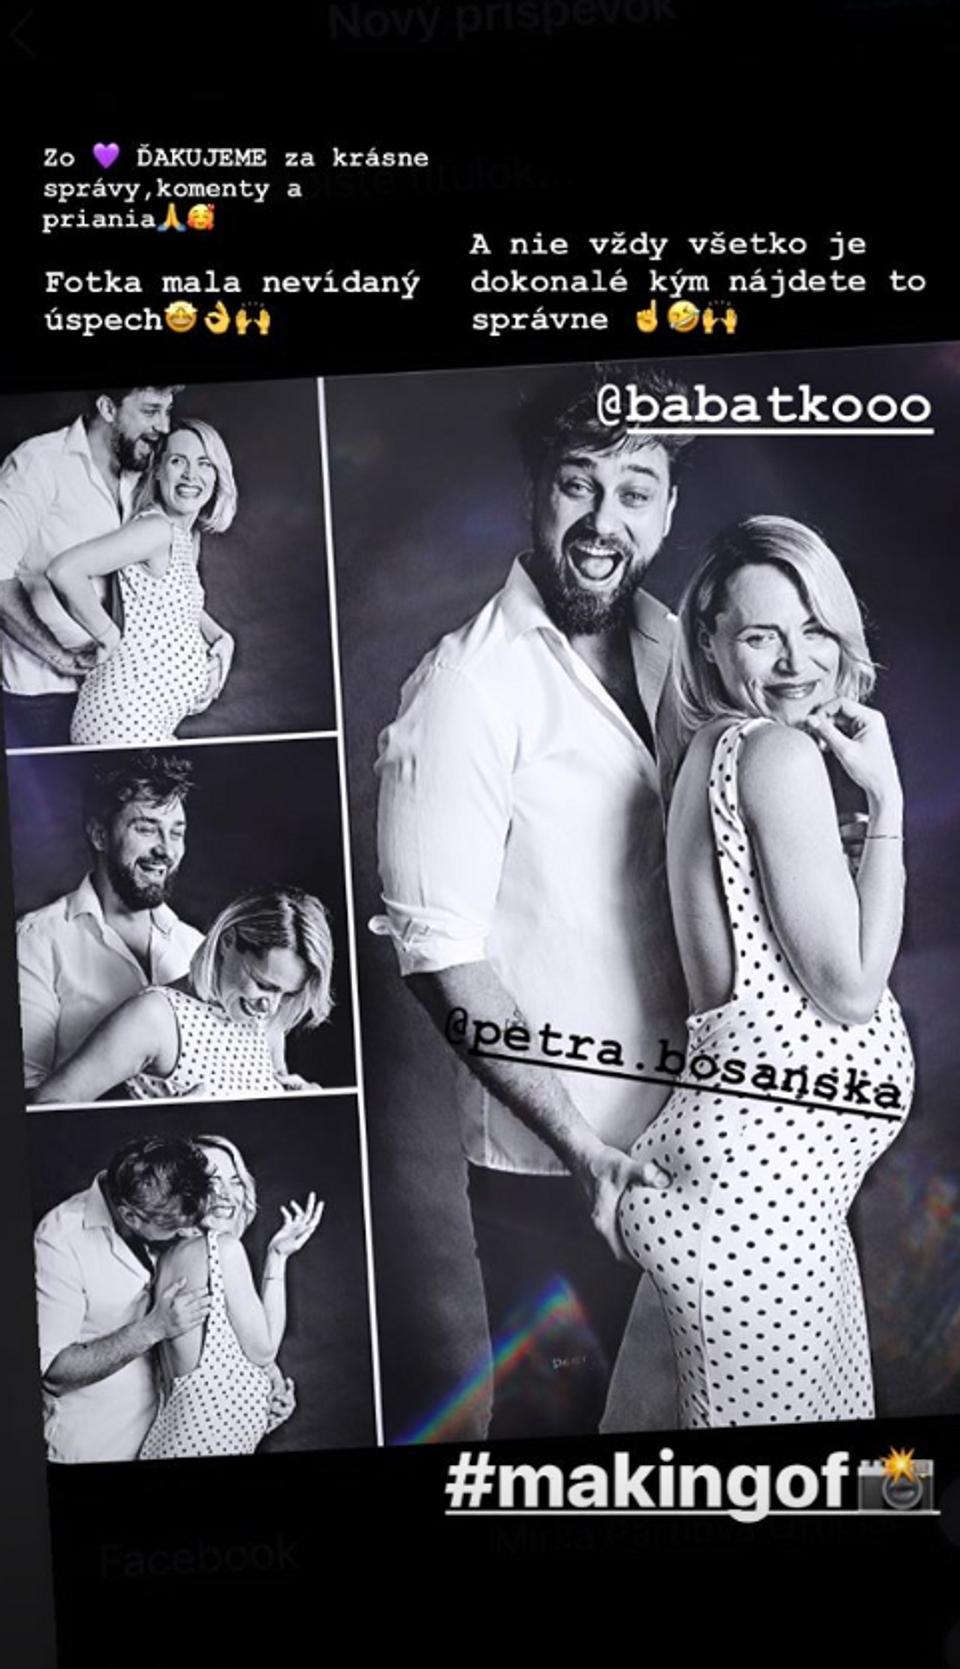 tehotná Mirka Partlová s manželom